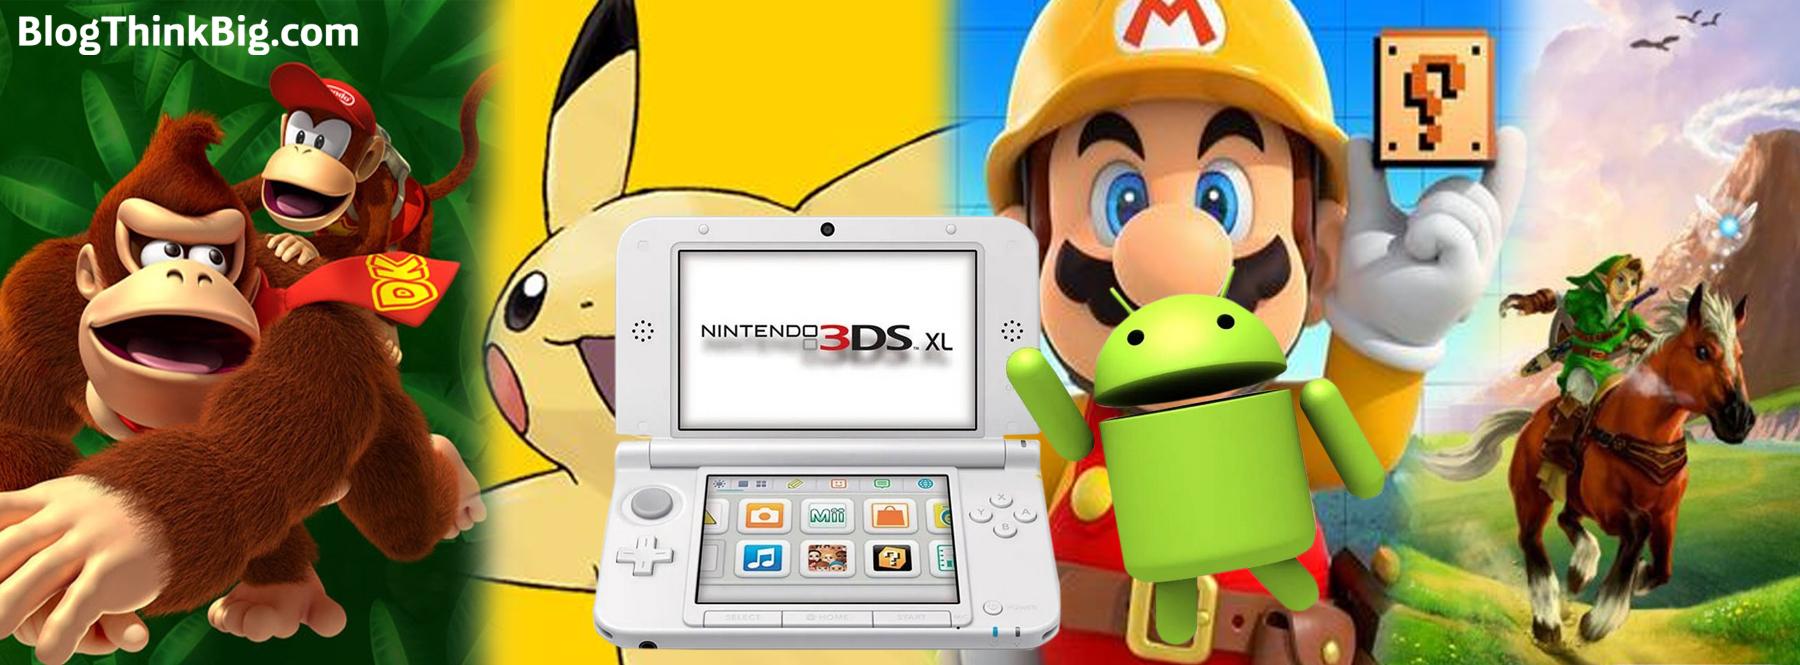 Nintendo 3DS -emulaattori näkyy virallisesti Androidissa